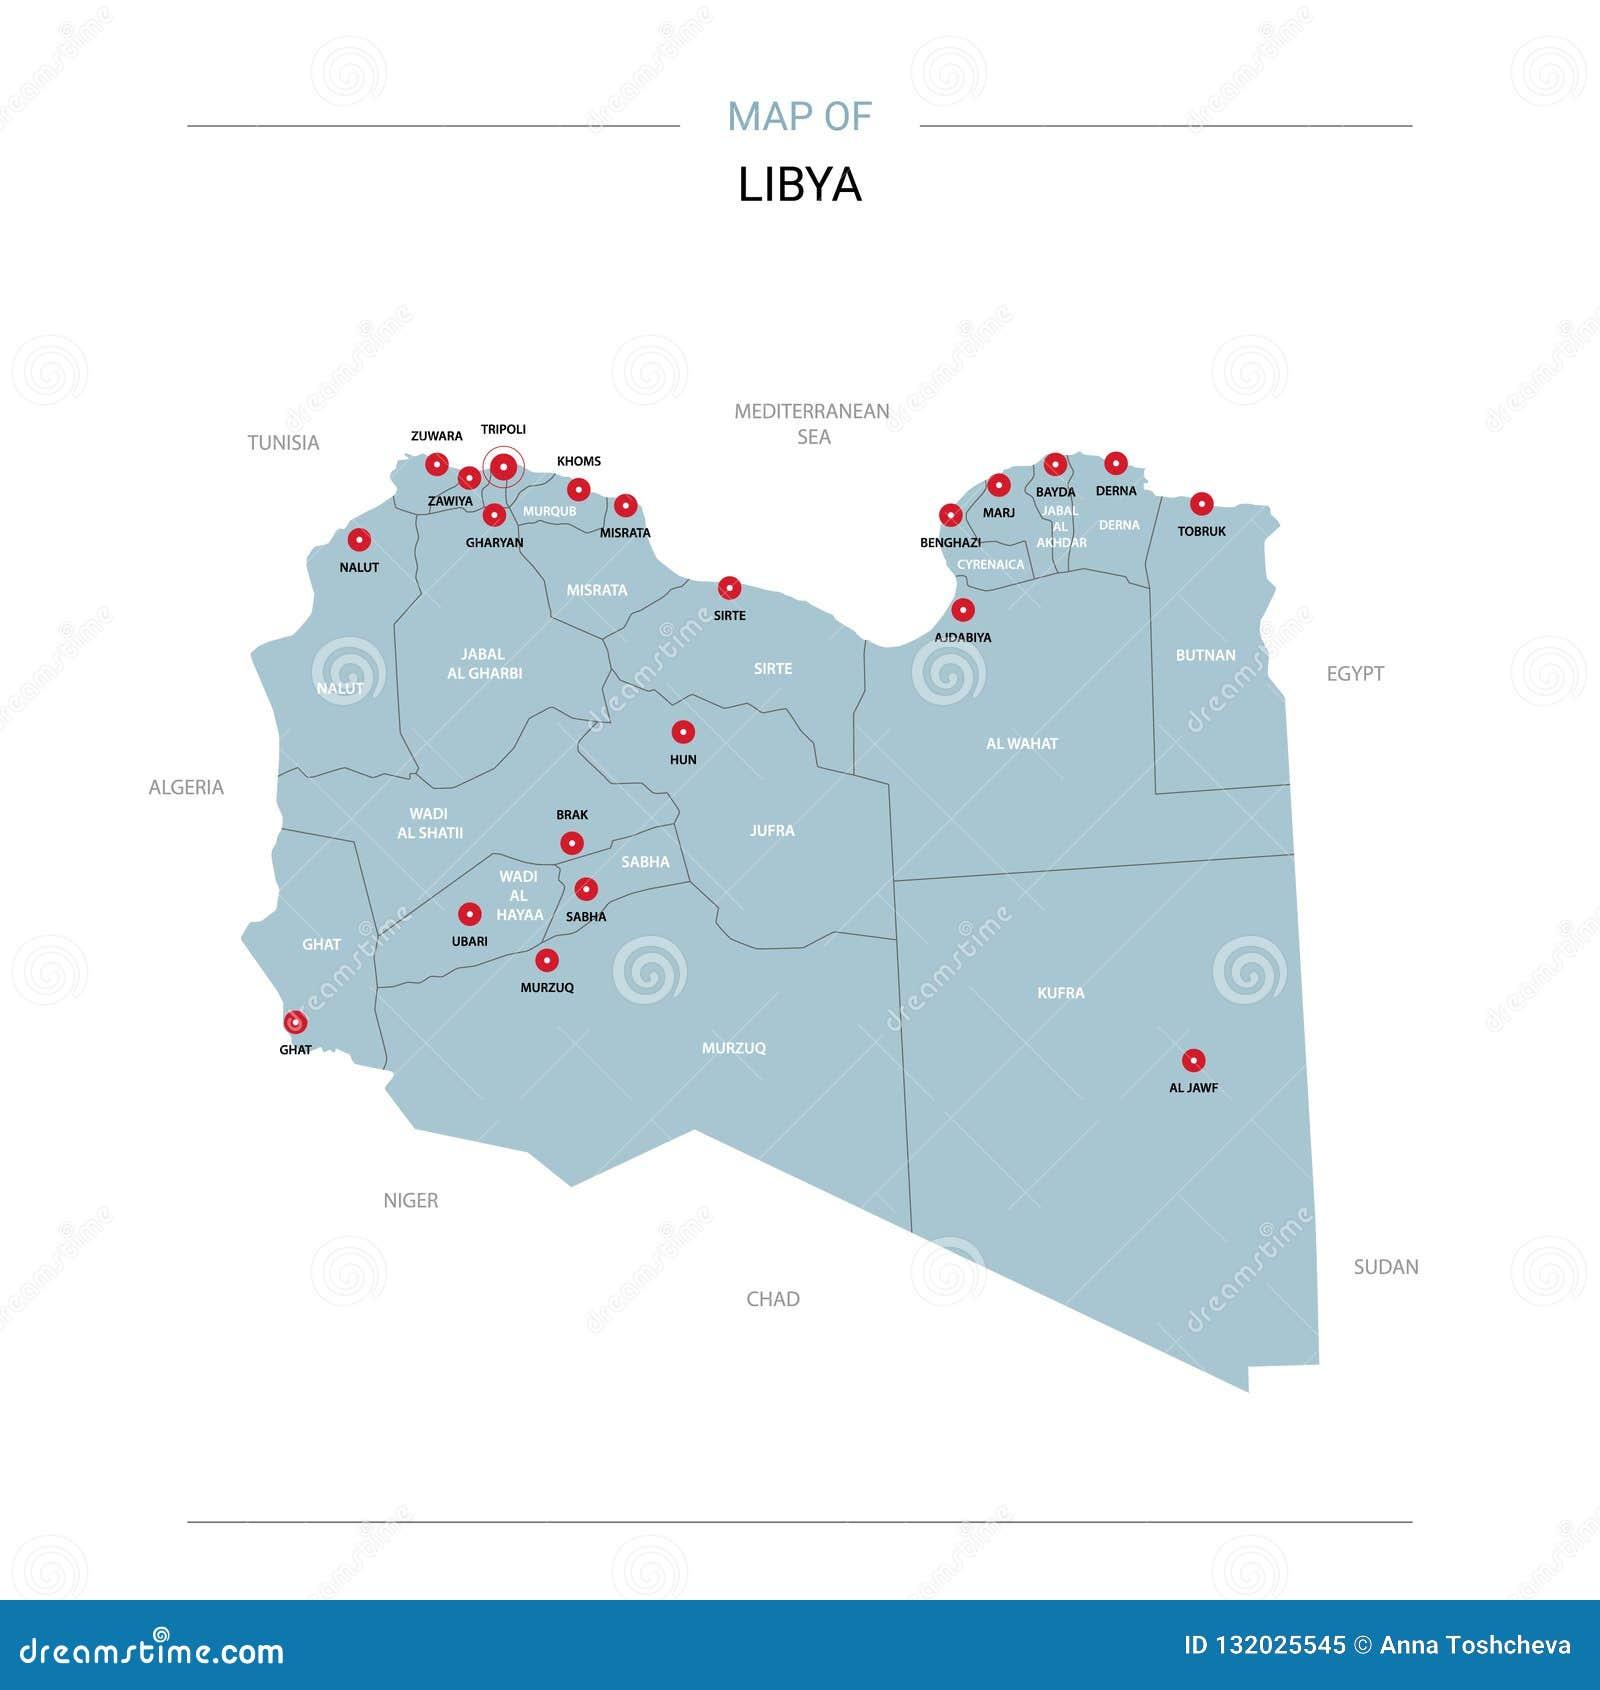 Libia Lucha Contra Migracion Clandestina Comienza Por Seguridad